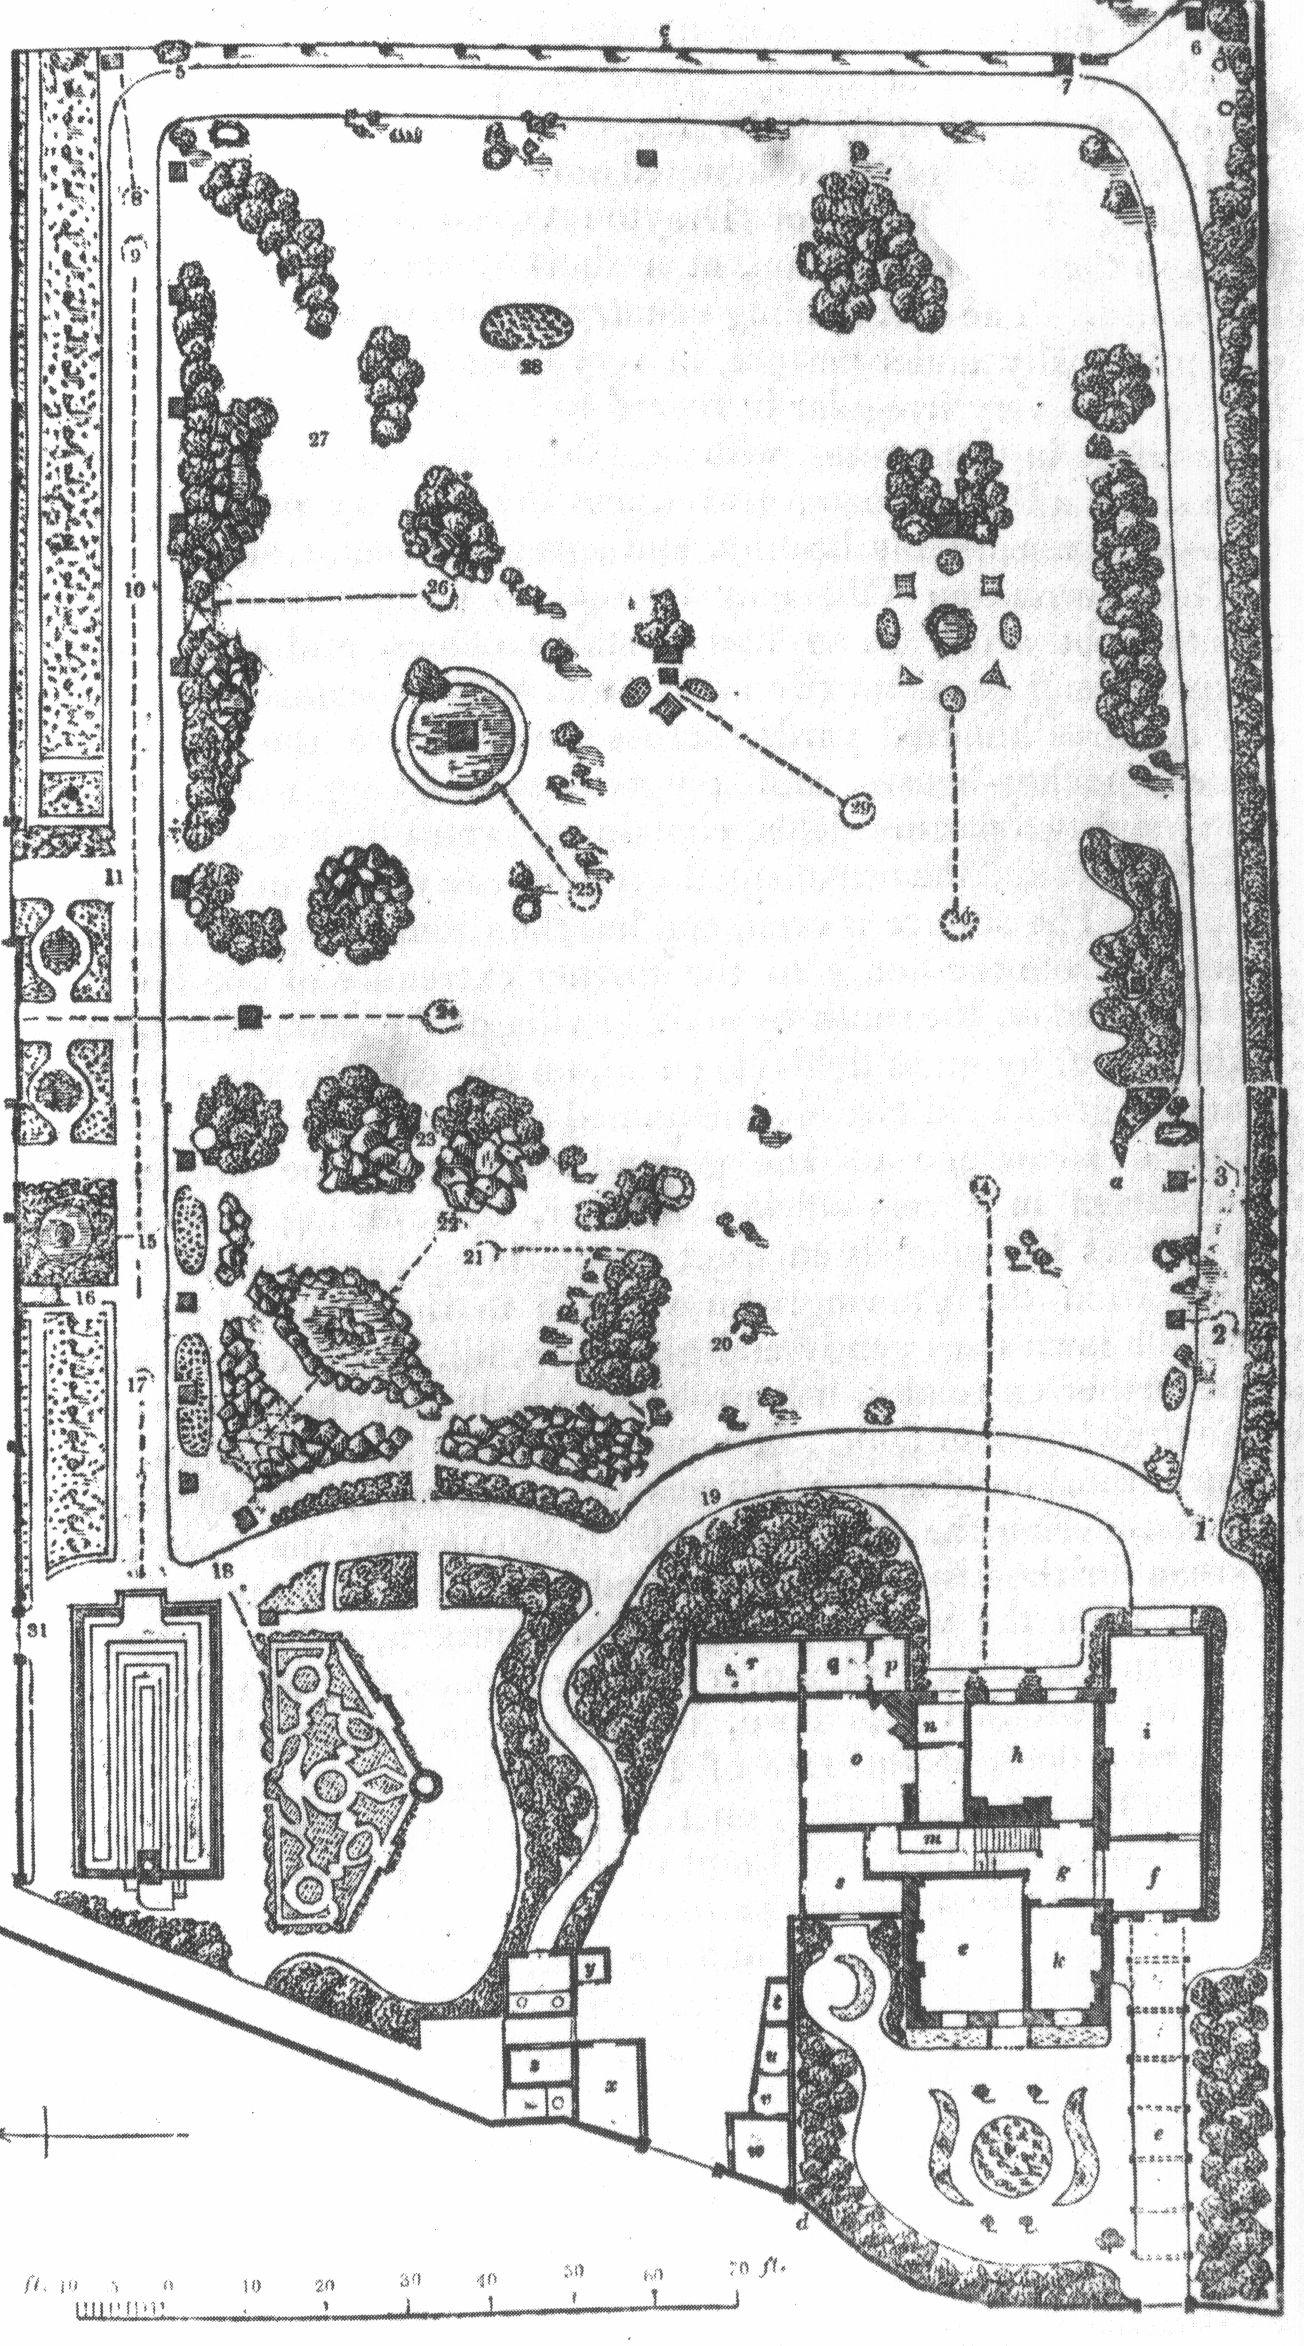 Garden plans | The Garden Triumphant